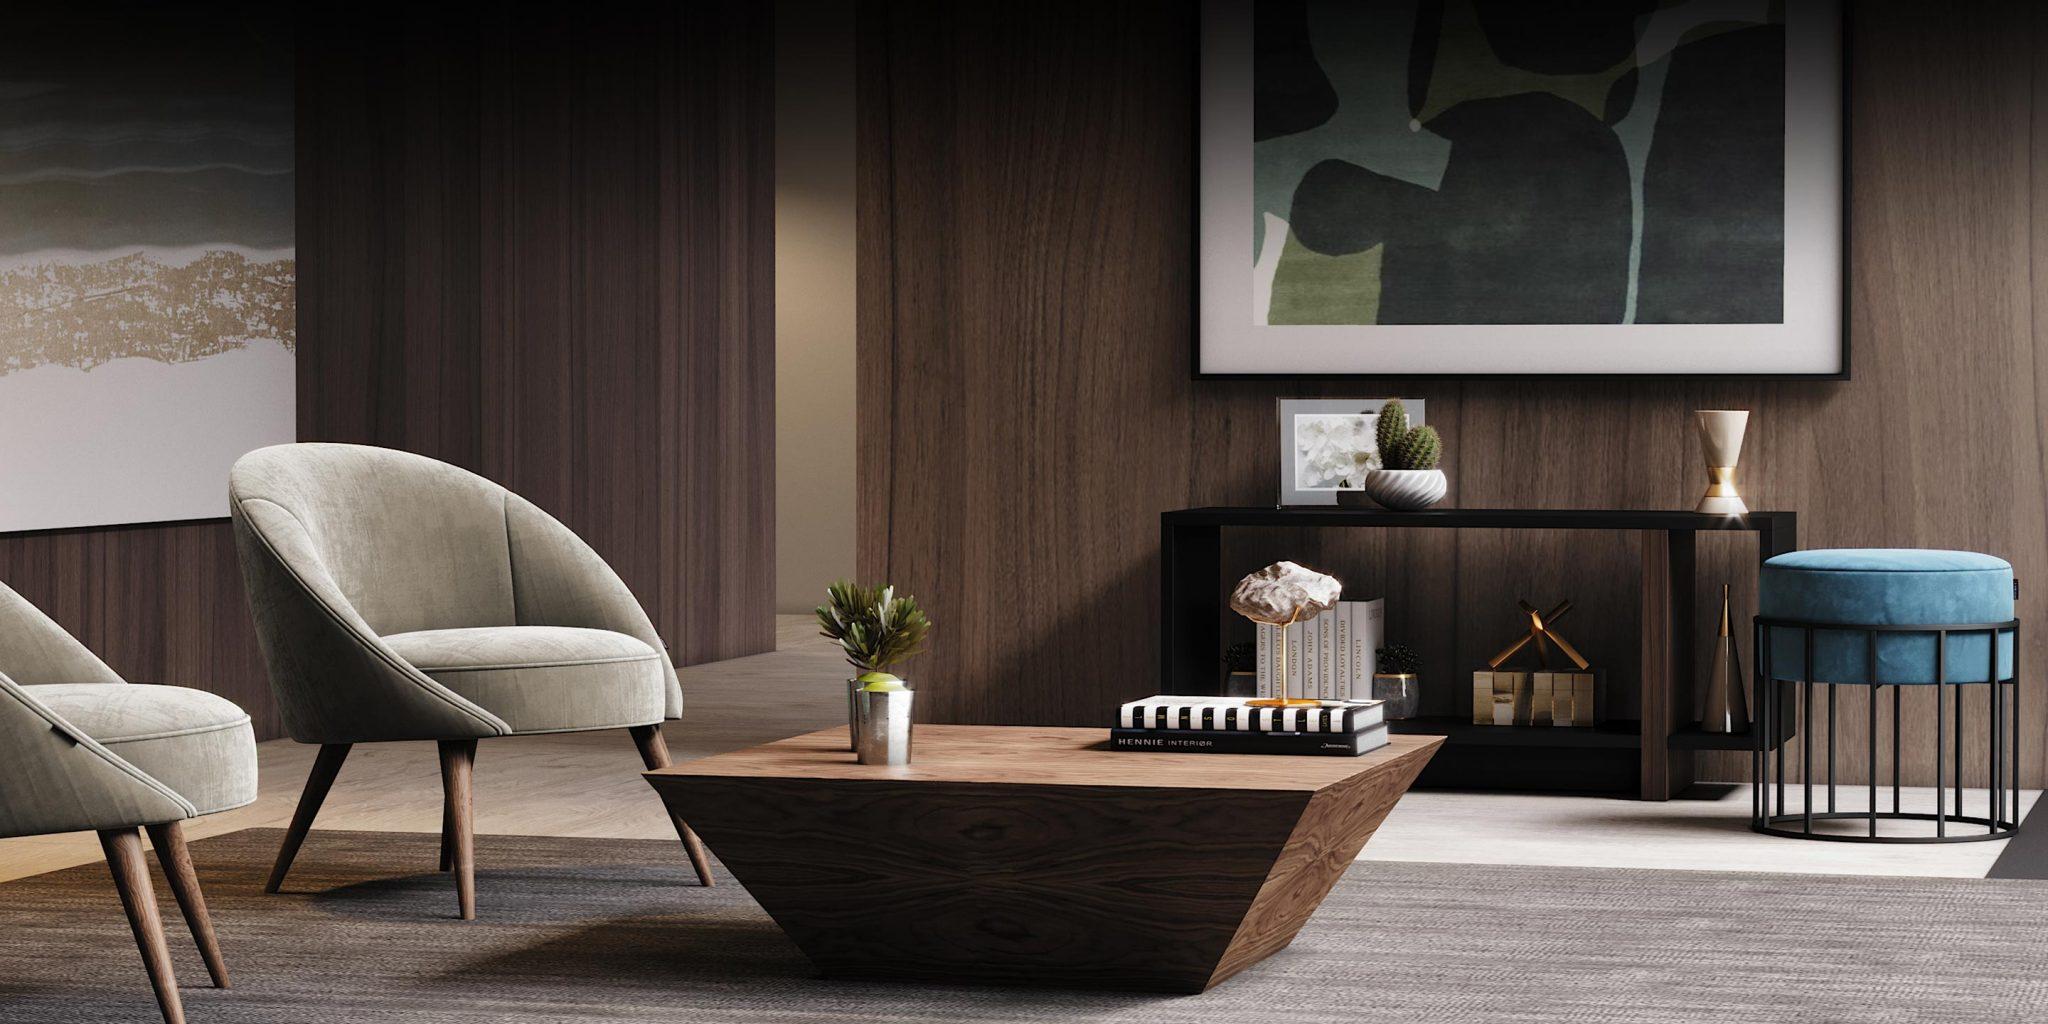 sala-de-estar-cadeira-puff-mesa-de-centro